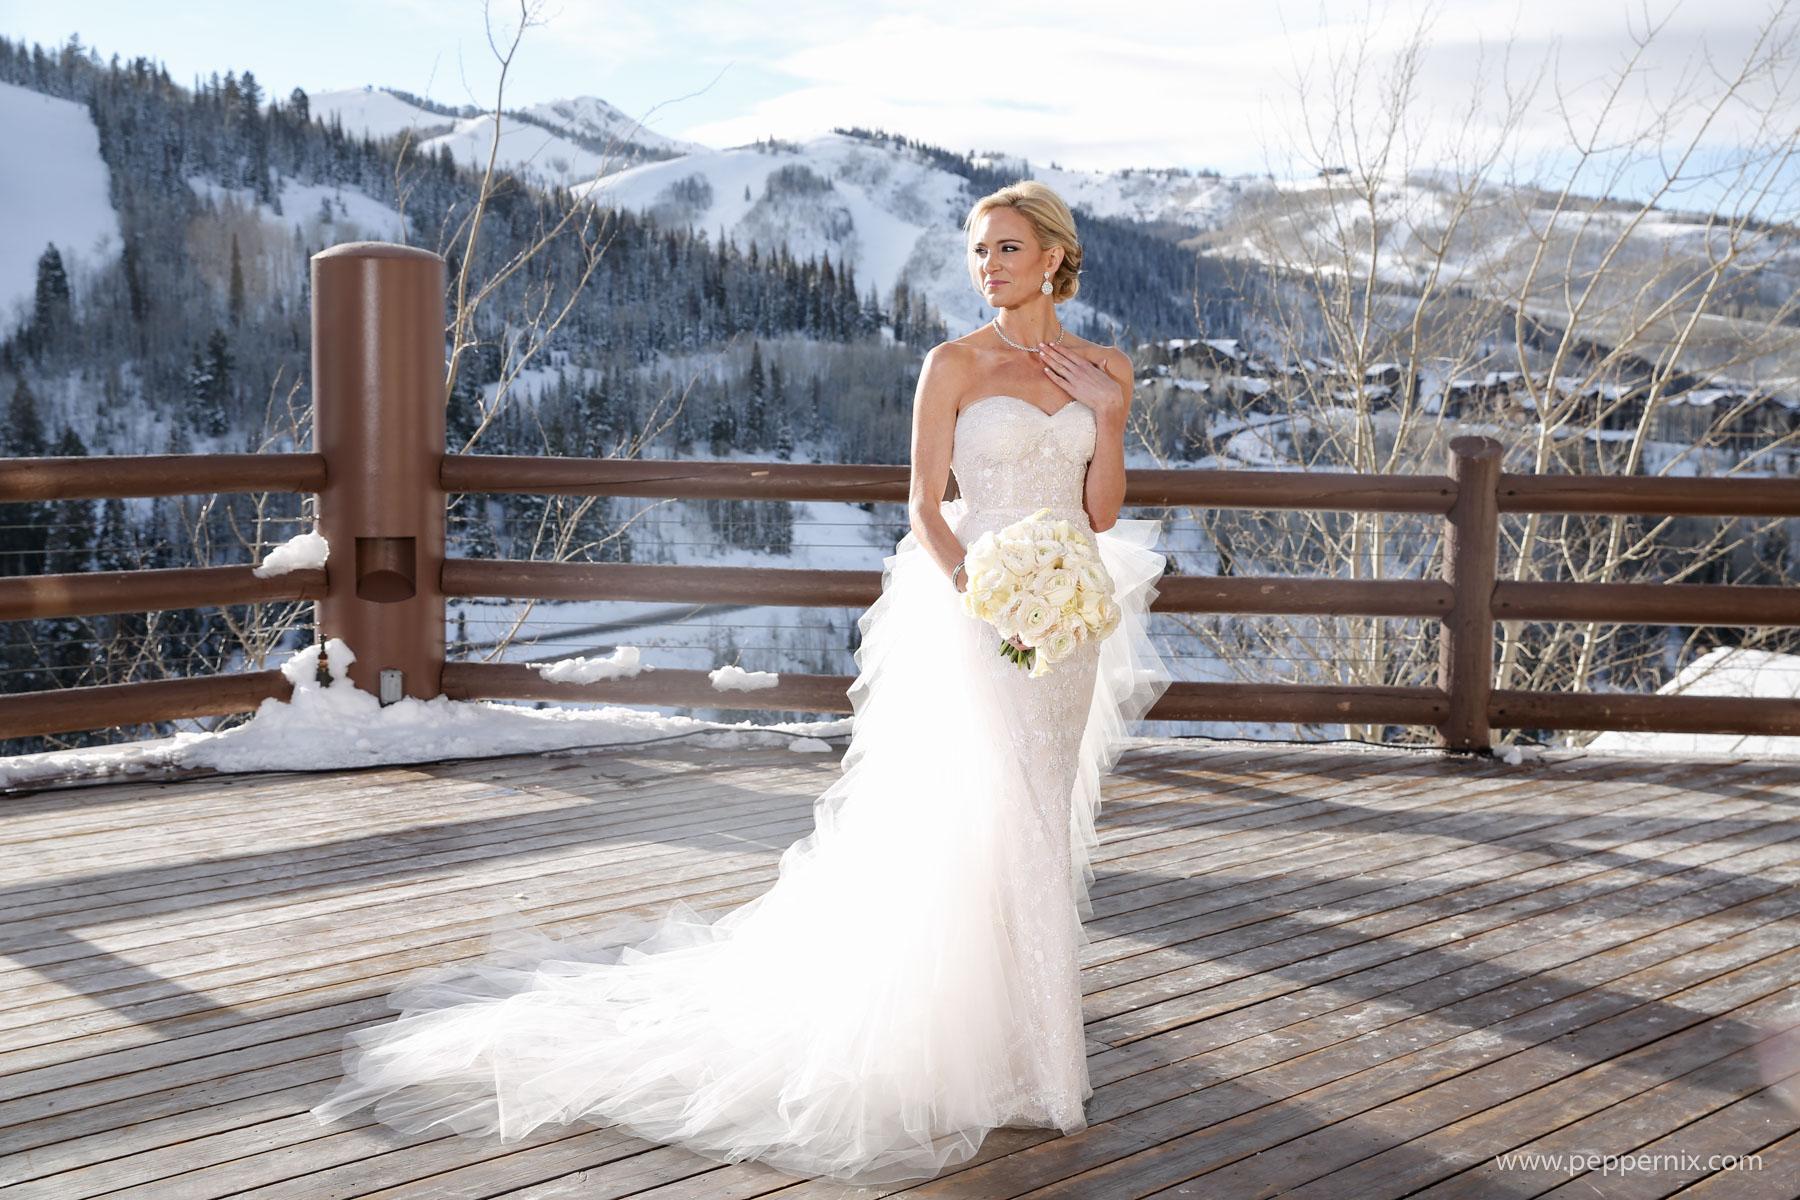 Best Park City Wedding Venue_Winter_Weddings_Stein_Eriksen_Lodge-1392.jpg